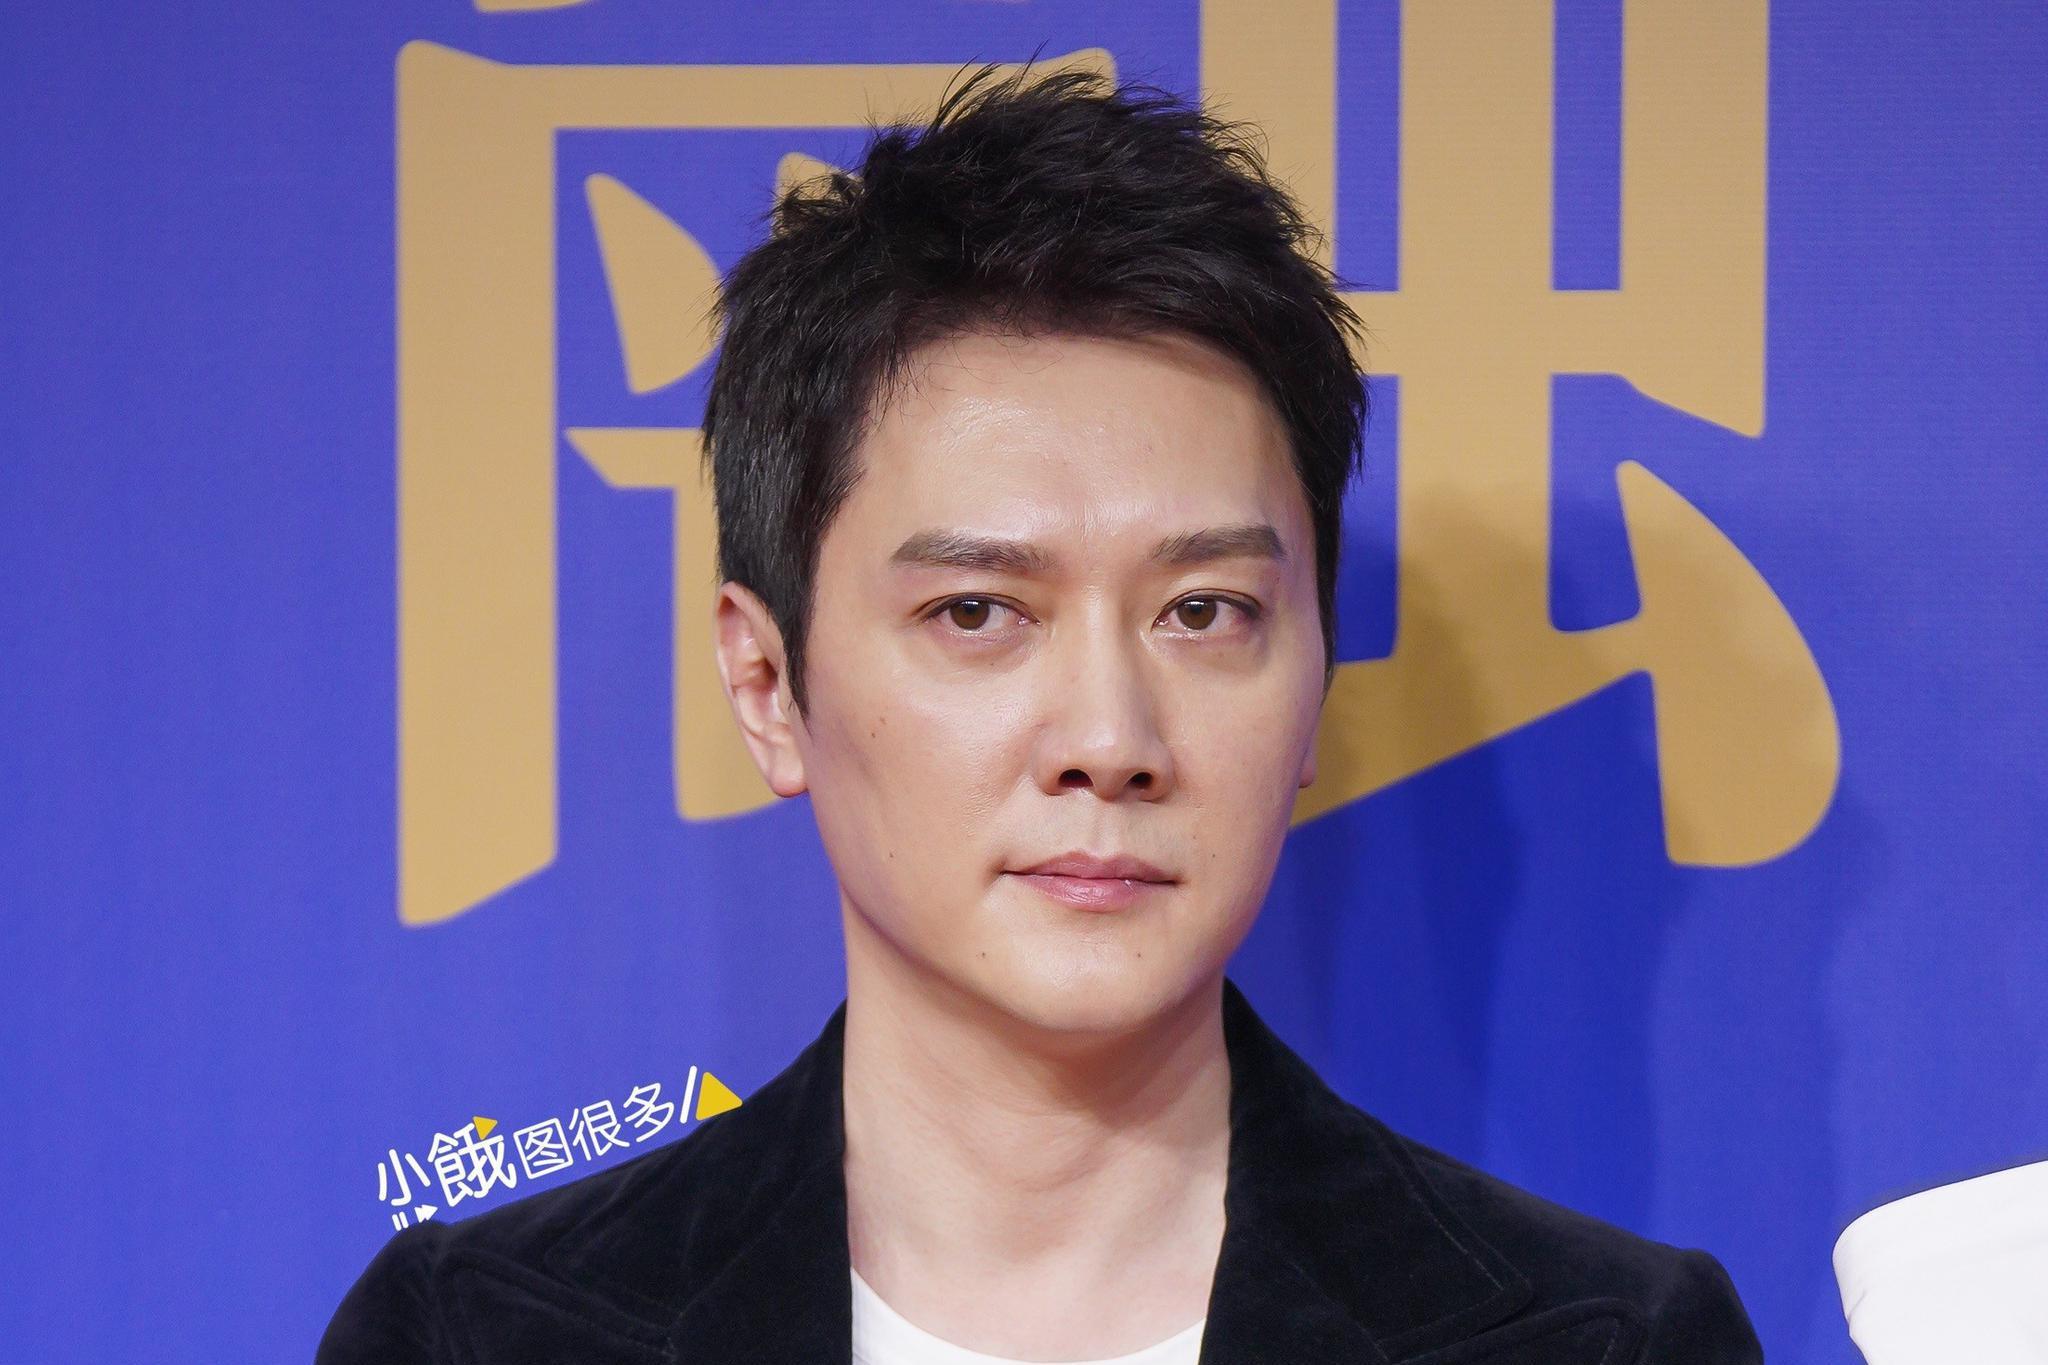 冯绍峰离婚后首露面 瘦一圈眼袋明显 网友:老了好多岁